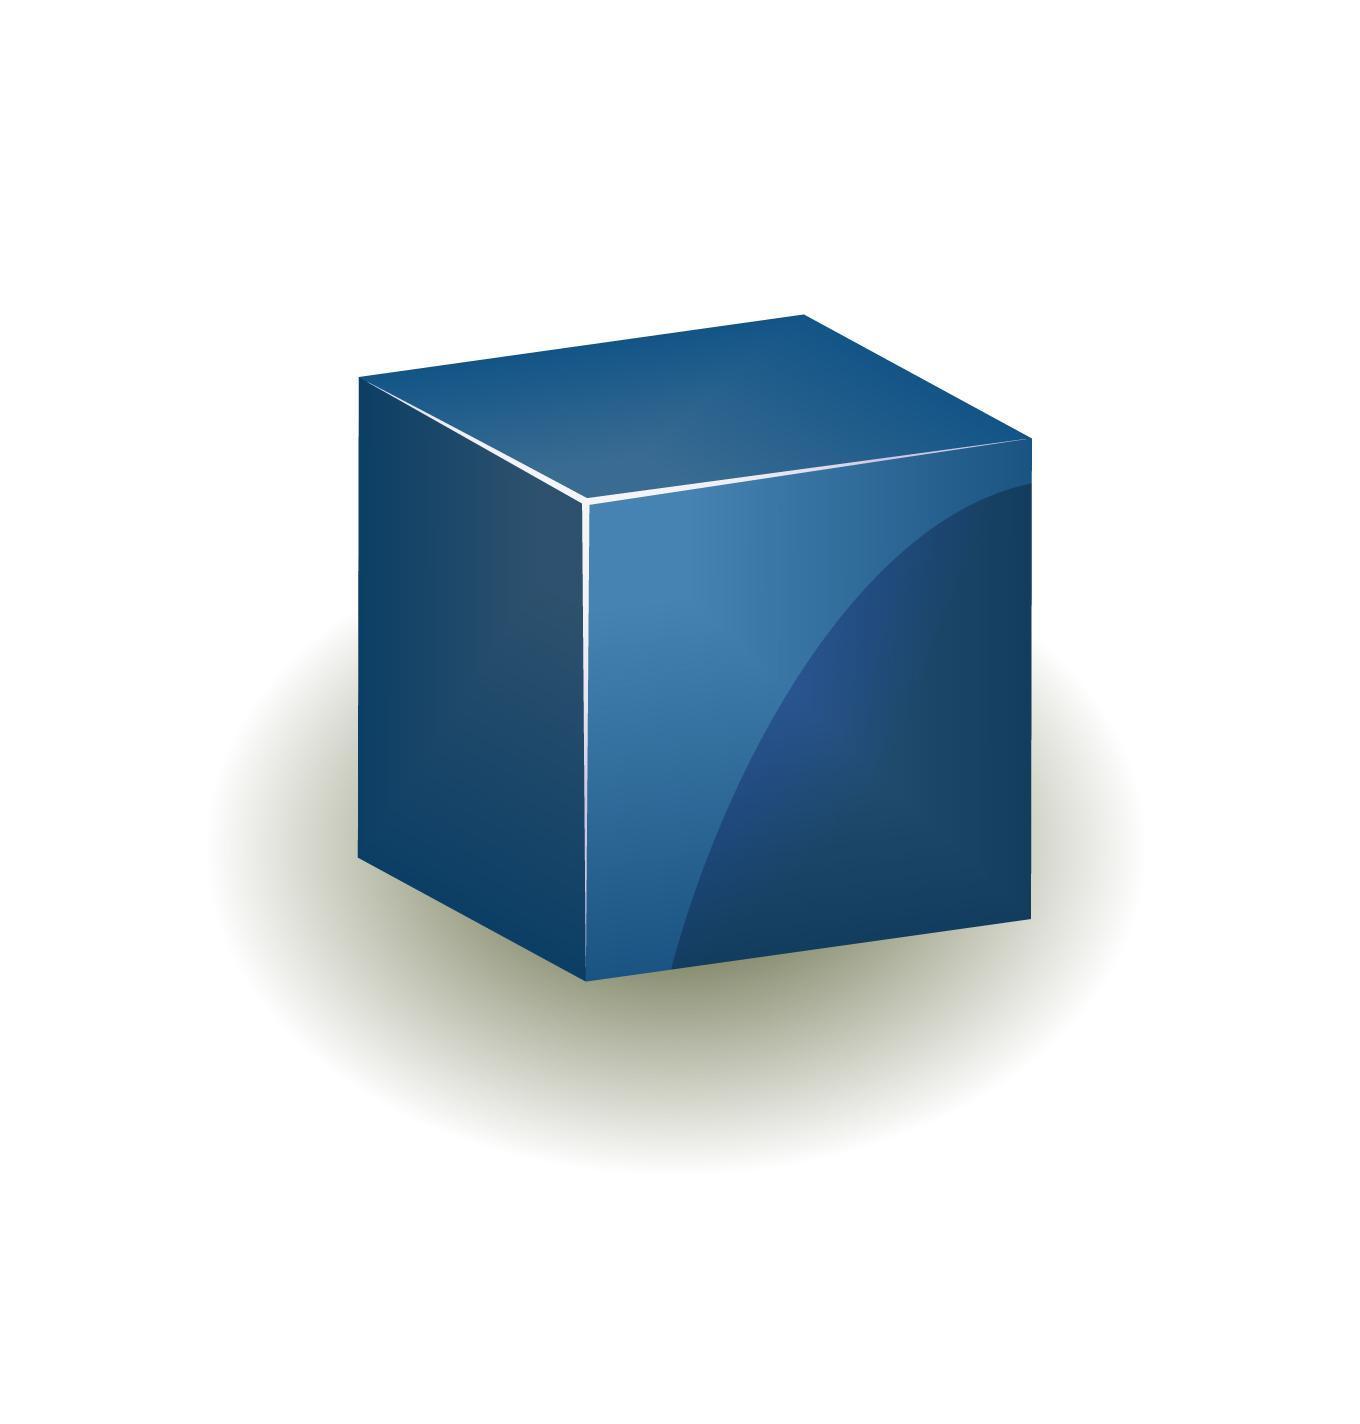 Cube Icon by ekamanganese